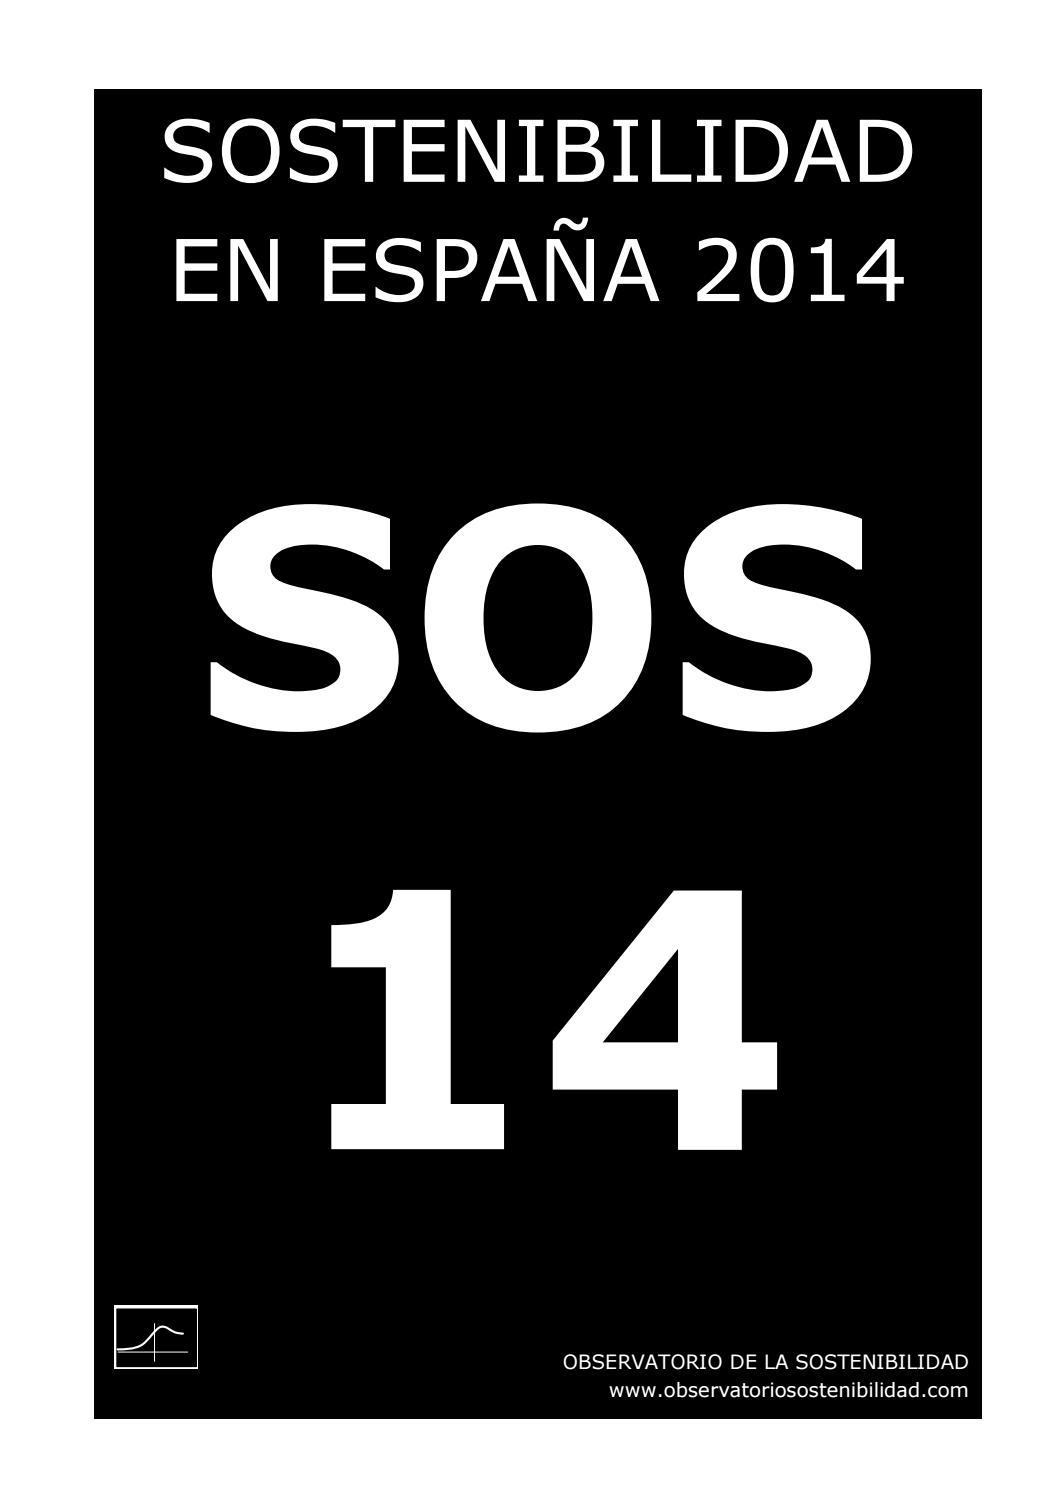 Adolescente Paga Deuda Porno sostenibilidad en espaÑa 2014rsantamariacastel - issuu